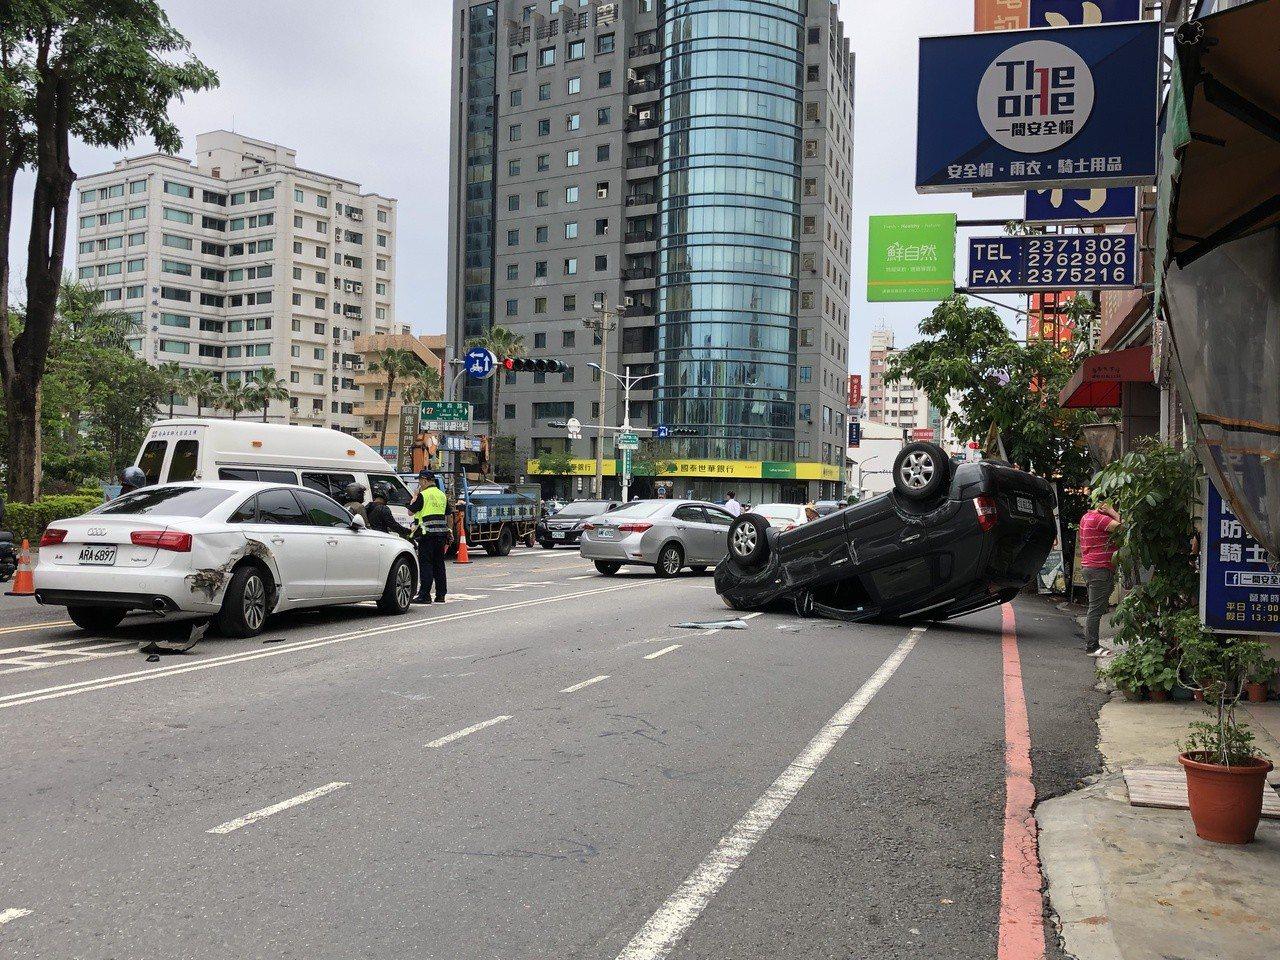 張姓男子切換車道不慎,誤踩油門,追撞白車後,整台車子翻滾後車底朝上躺在要道。記者...